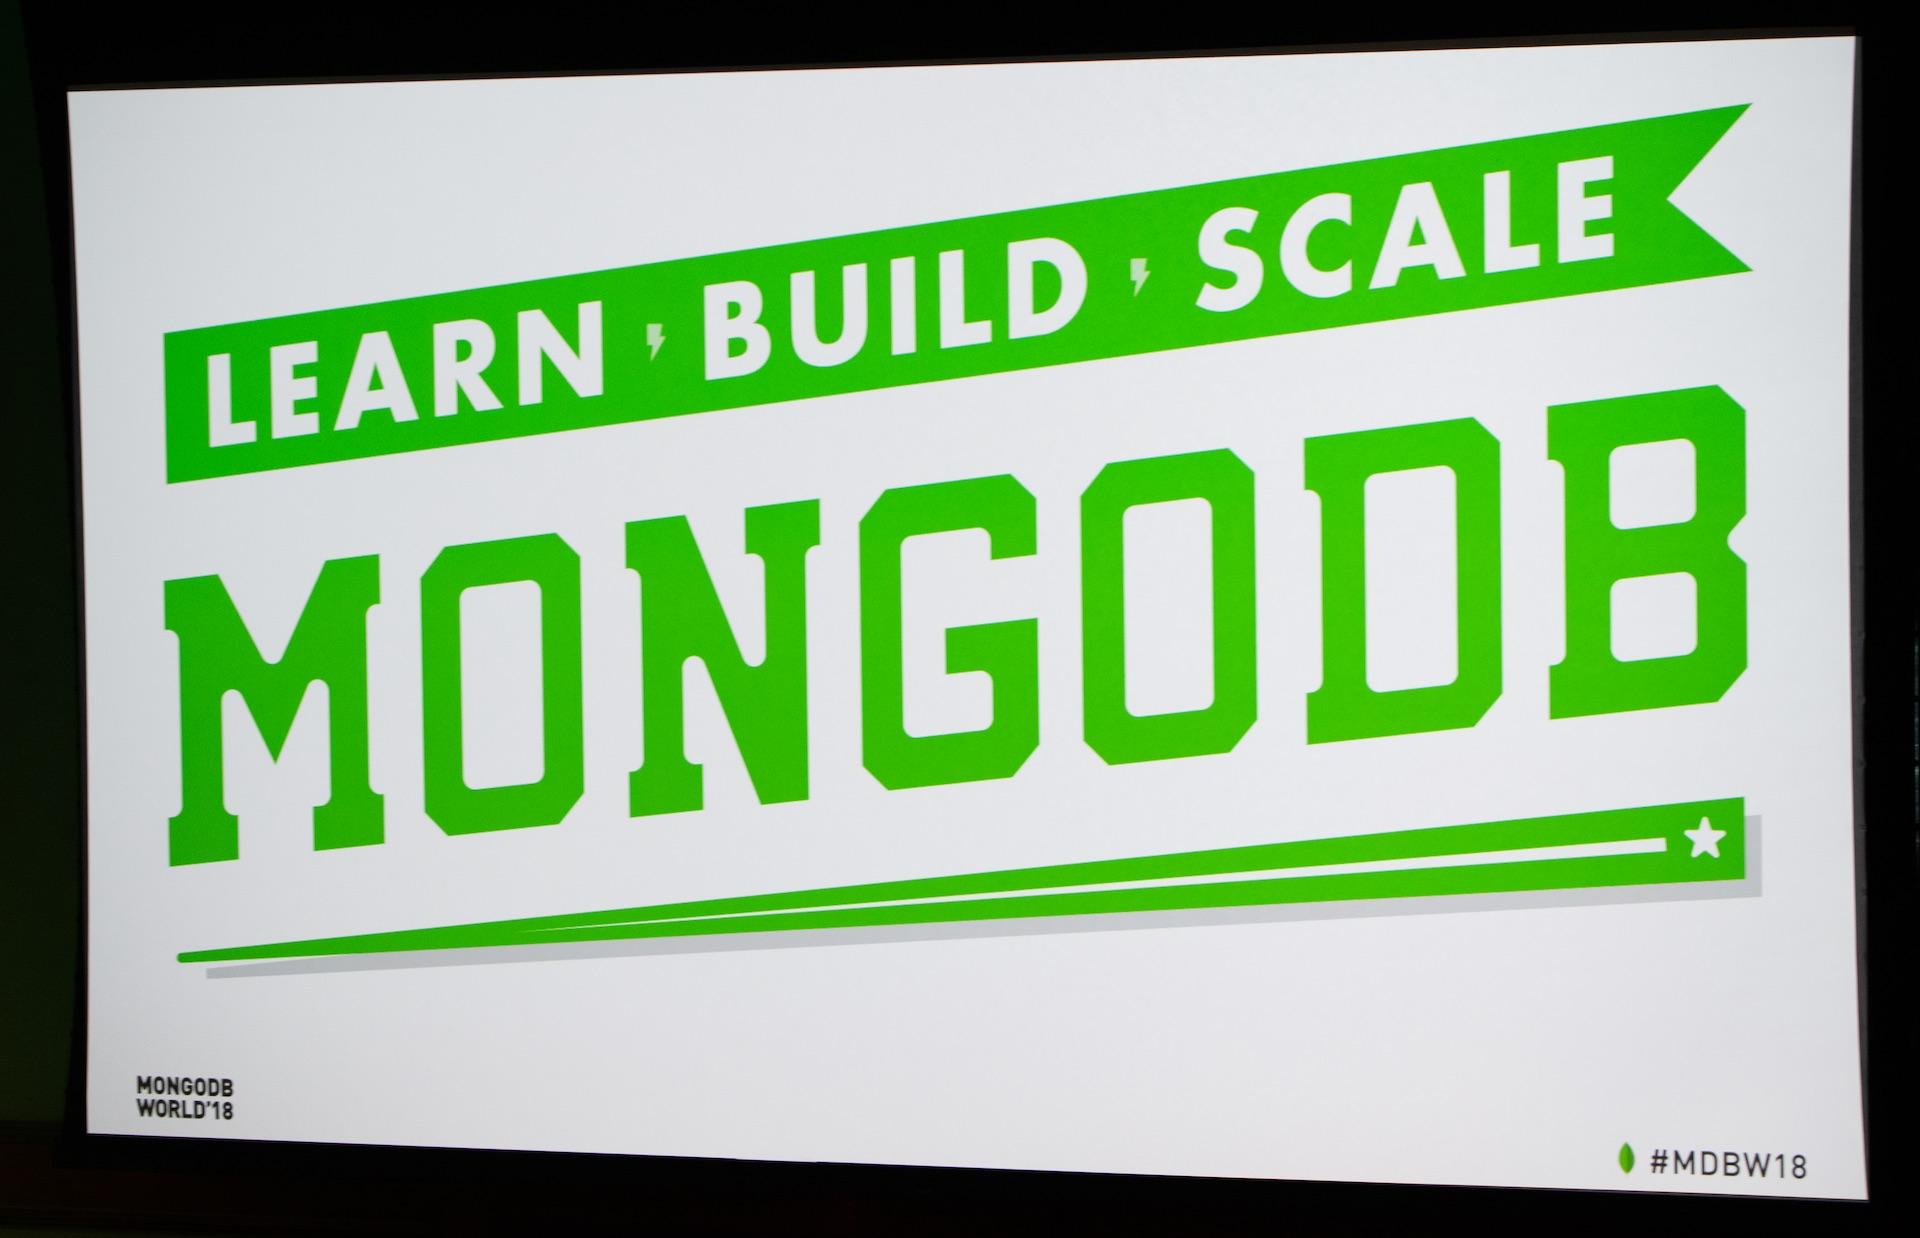 Green logo and slogan for MongoDB.